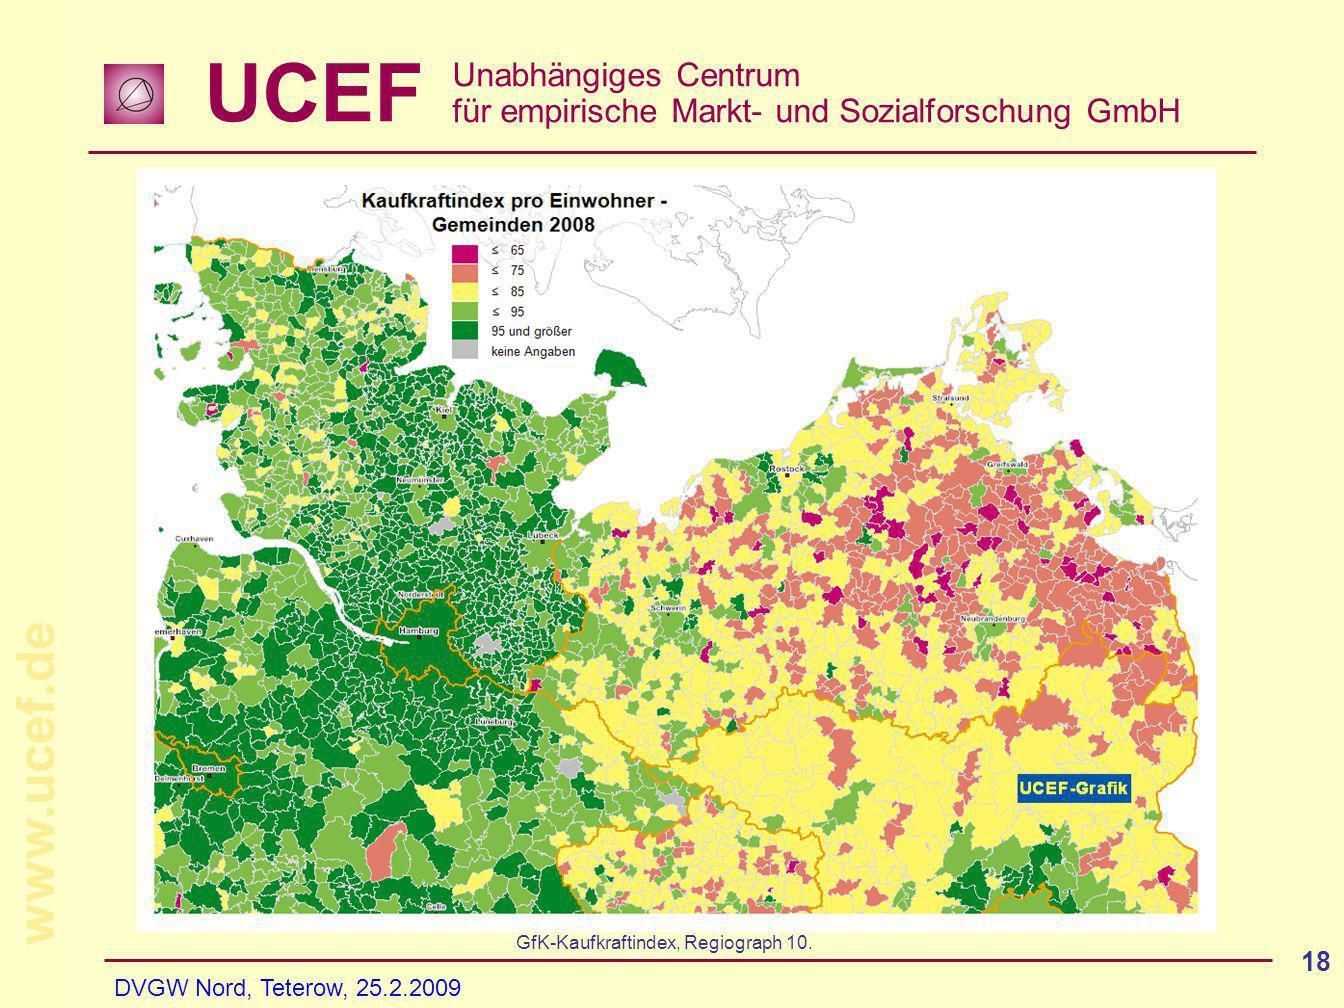 UCEF Unabhängiges Centrum für empirische Markt- und Sozialforschung GmbH www.ucef.de DVGW Nord, Teterow, 25.2.2009 18 GfK-Kaufkraftindex, Regiograph 1